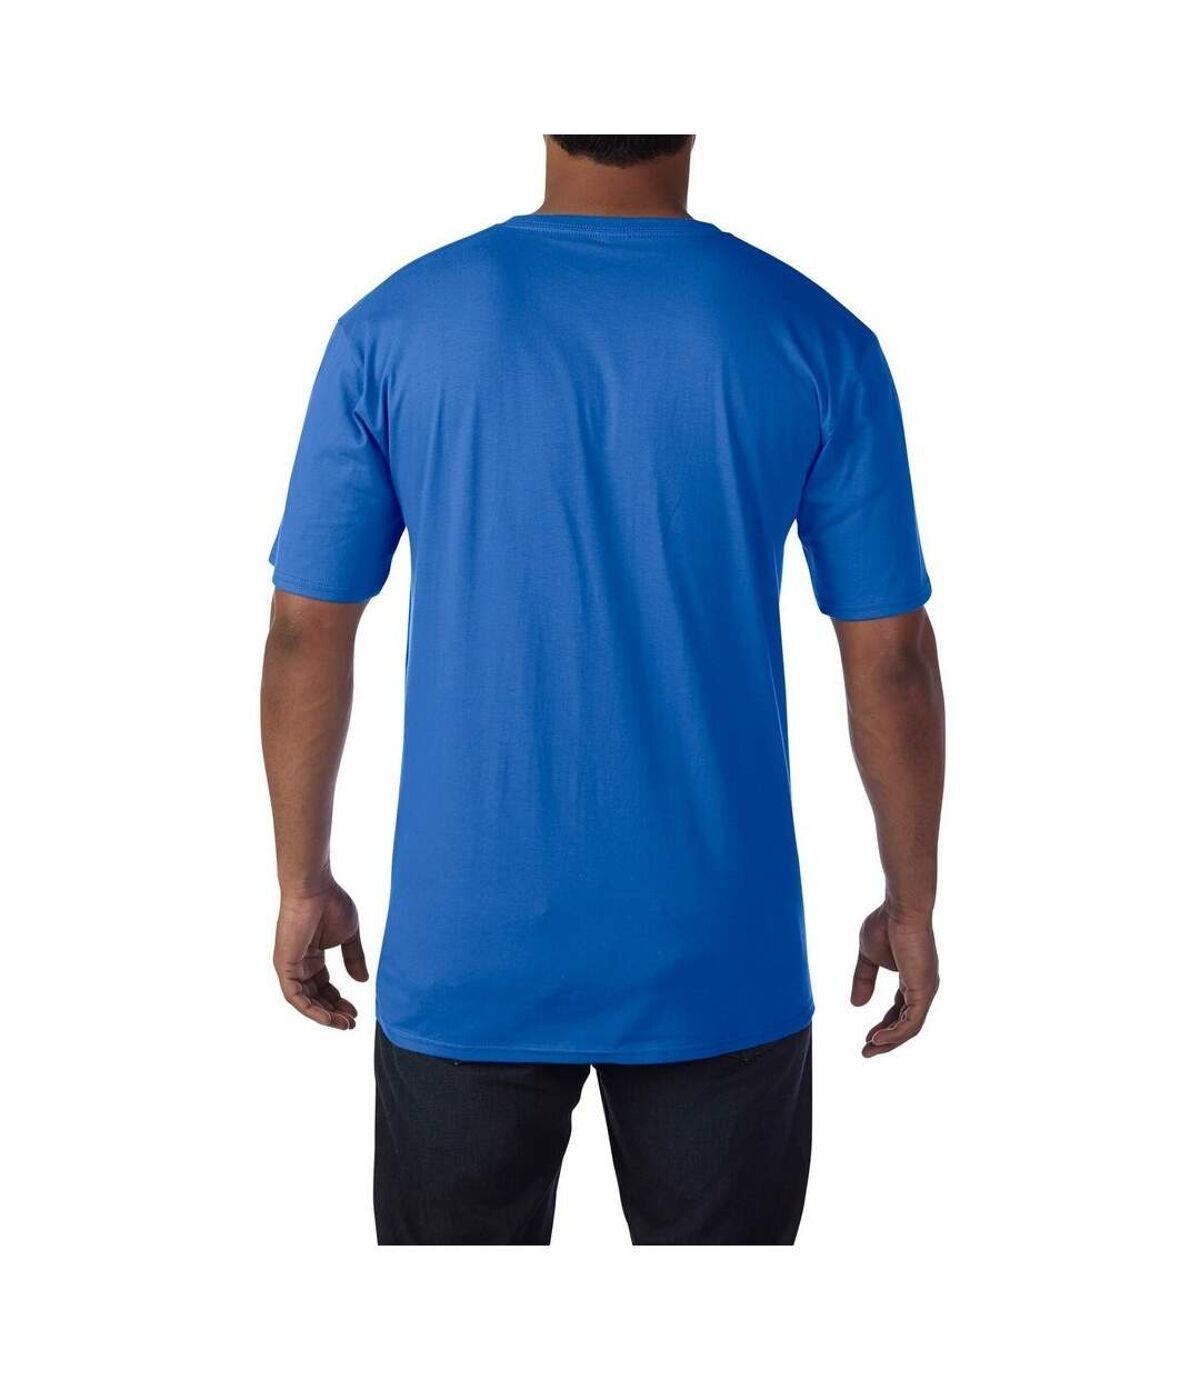 Gildan - T-shirt à manches courtes - Homme (Gris) - UTRW4738